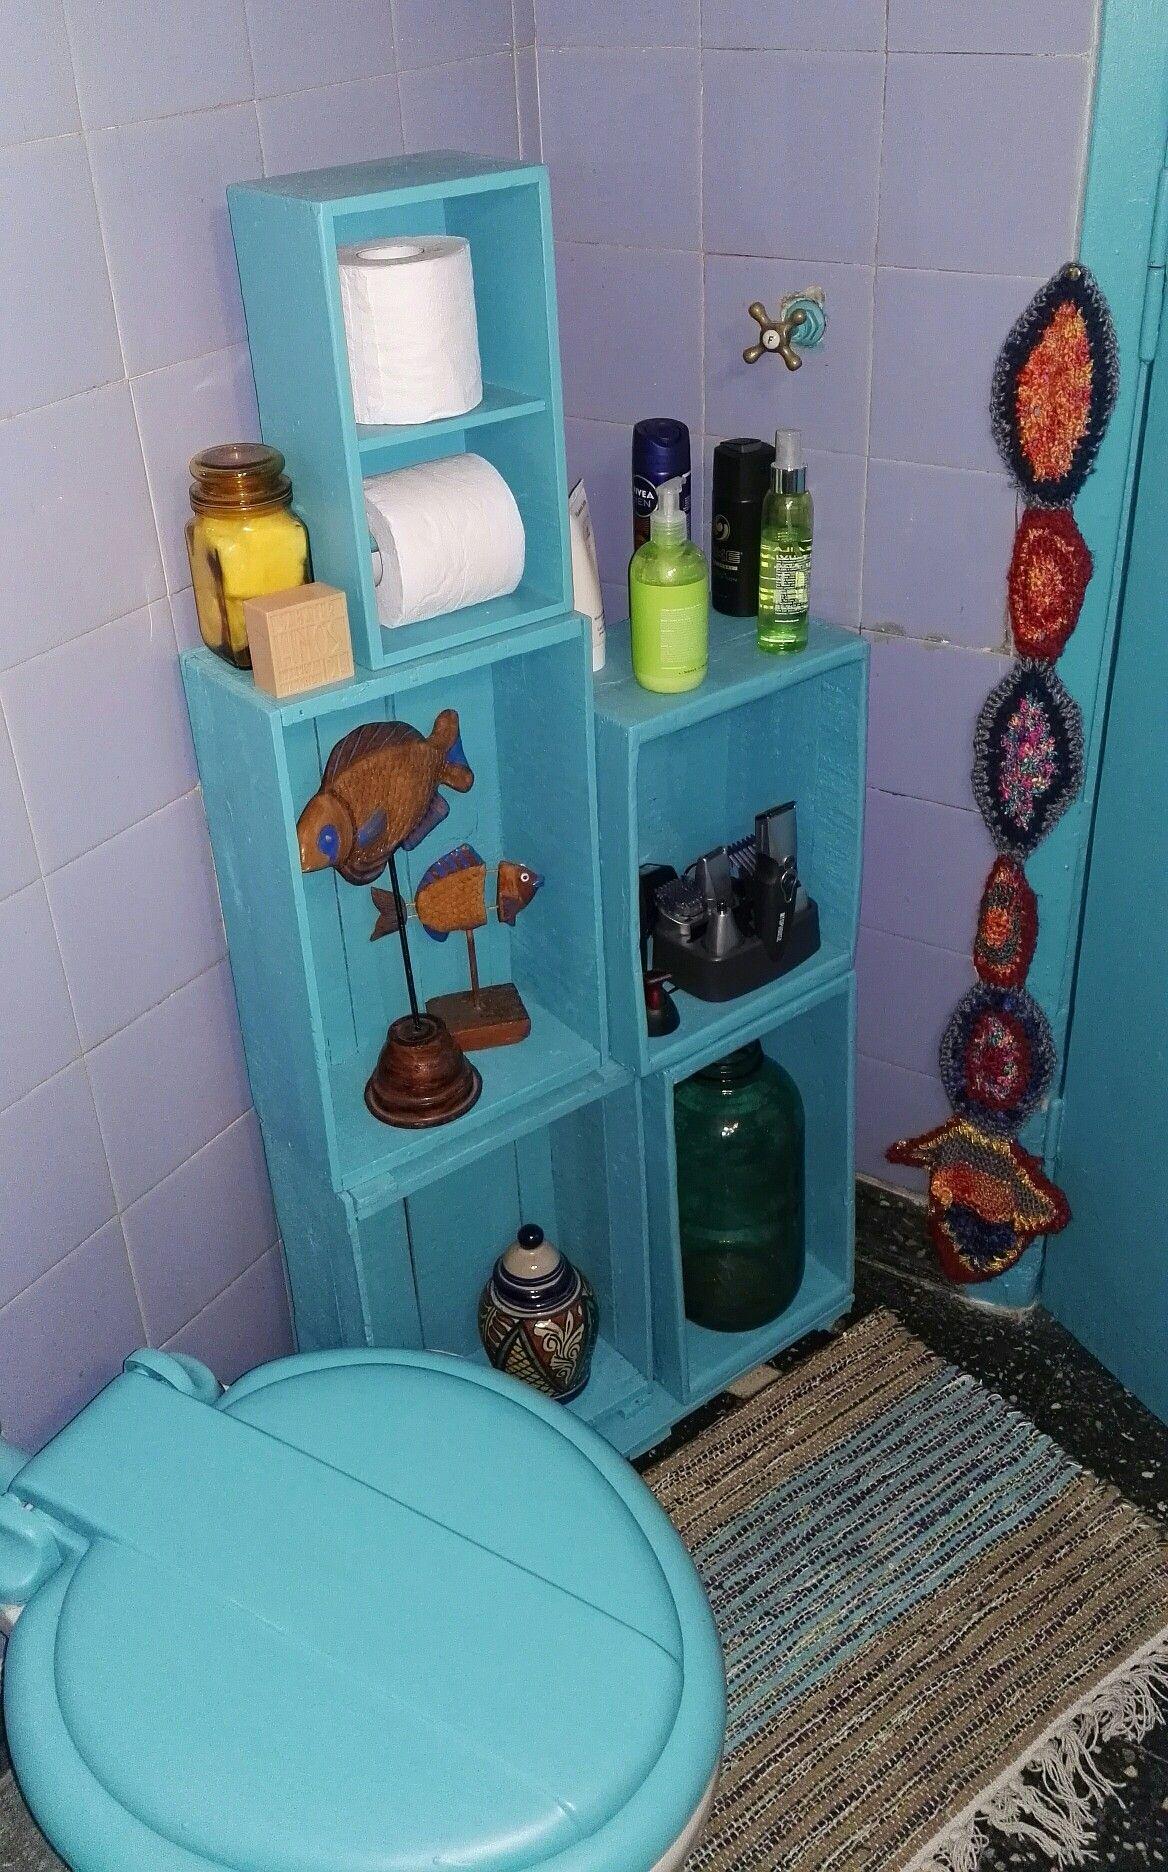 Cajones Reciclados Mueble Para Ba O Con Rueditas Giratorias Por  # Muebles Reiclados